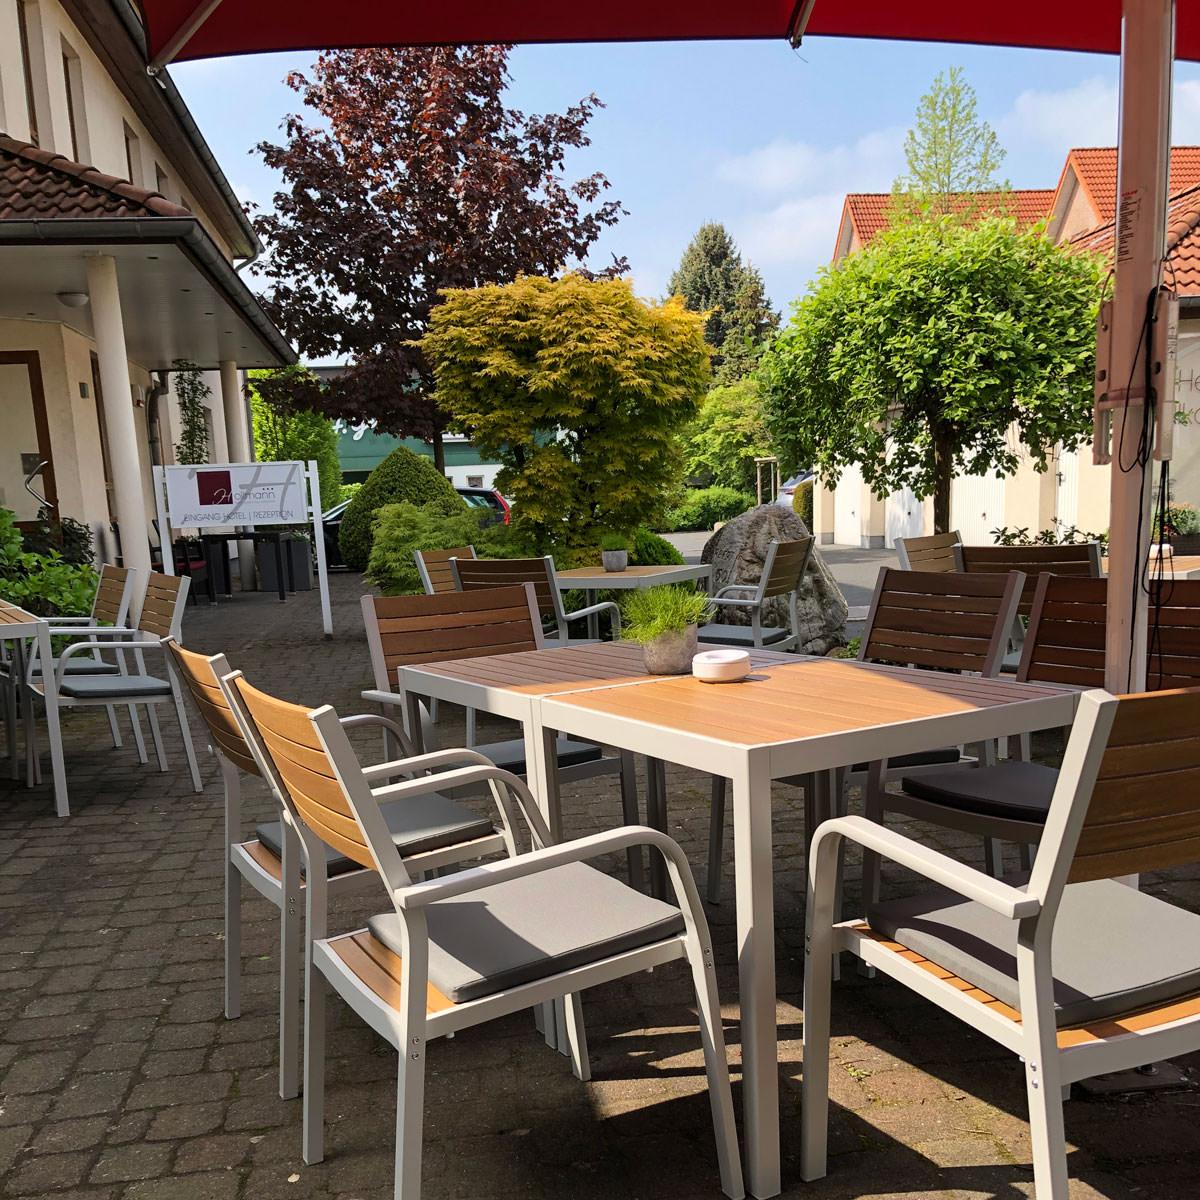 Restaurant und Hotel Hollmann in Halle Westf., gemütlicher Außenbereich